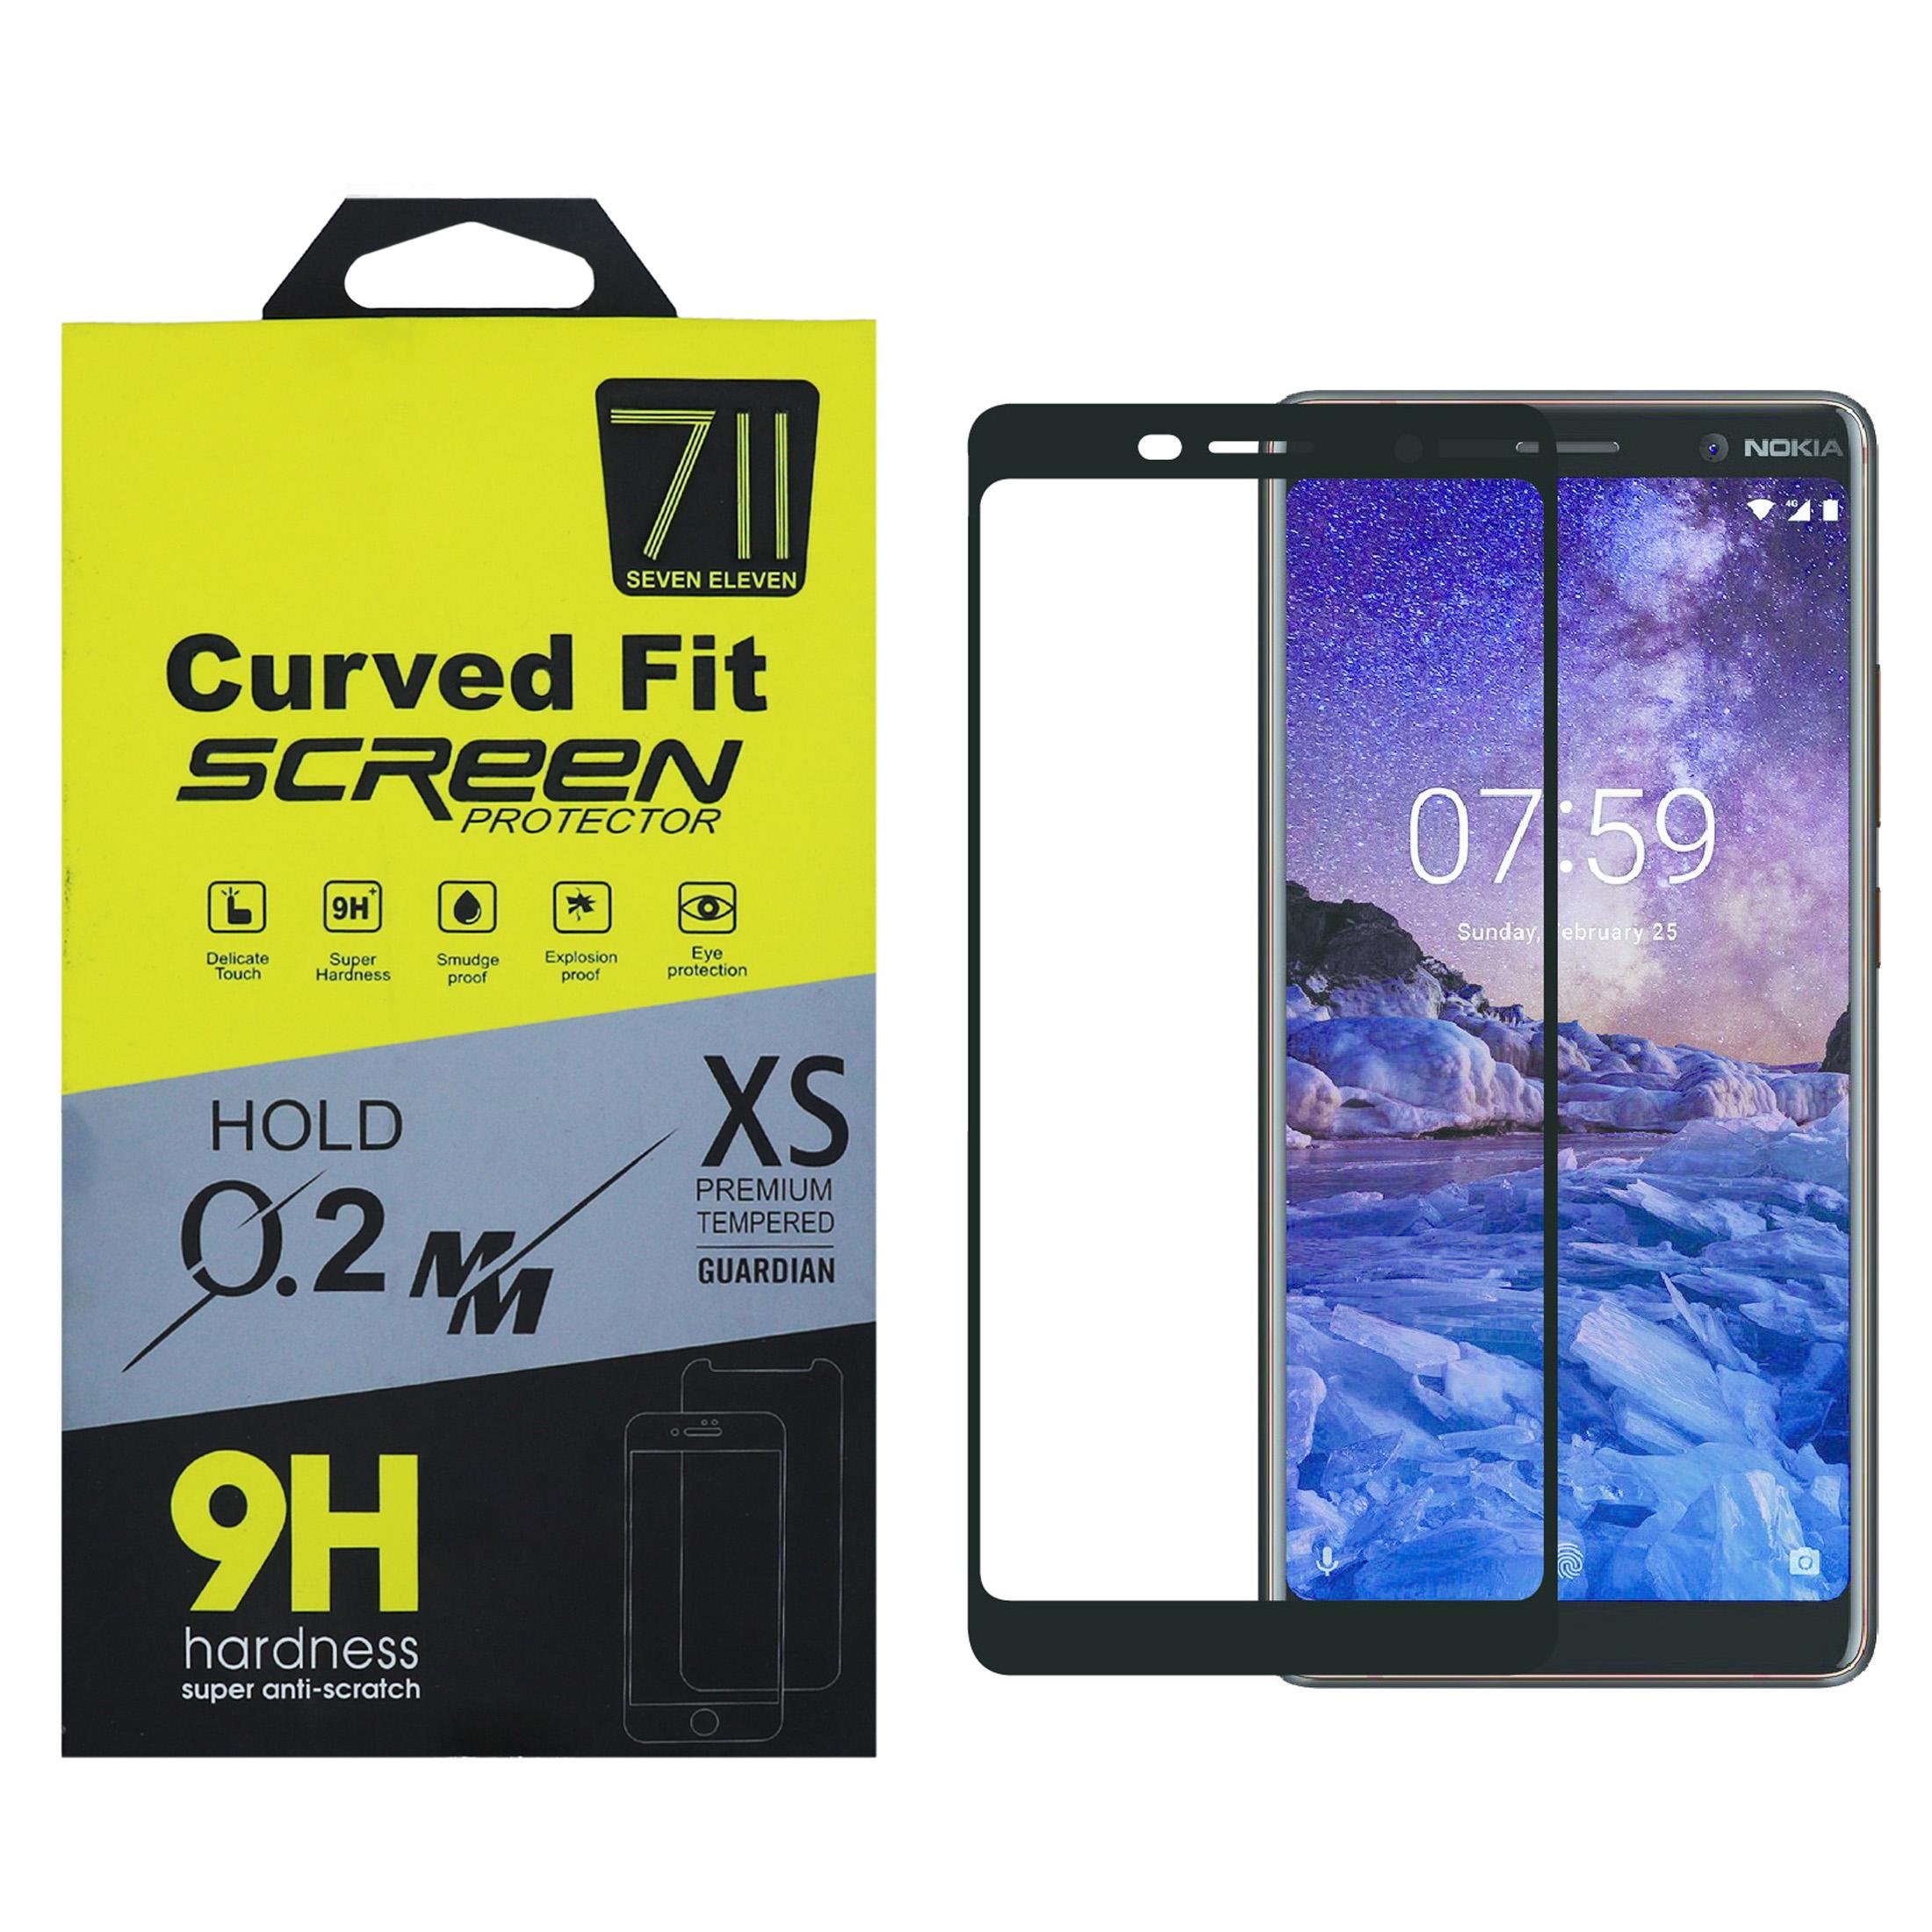 محافظ صفحه نمایش سون الون مدل Fls مناسب برای گوشی موبایل Nokia 7 Plus